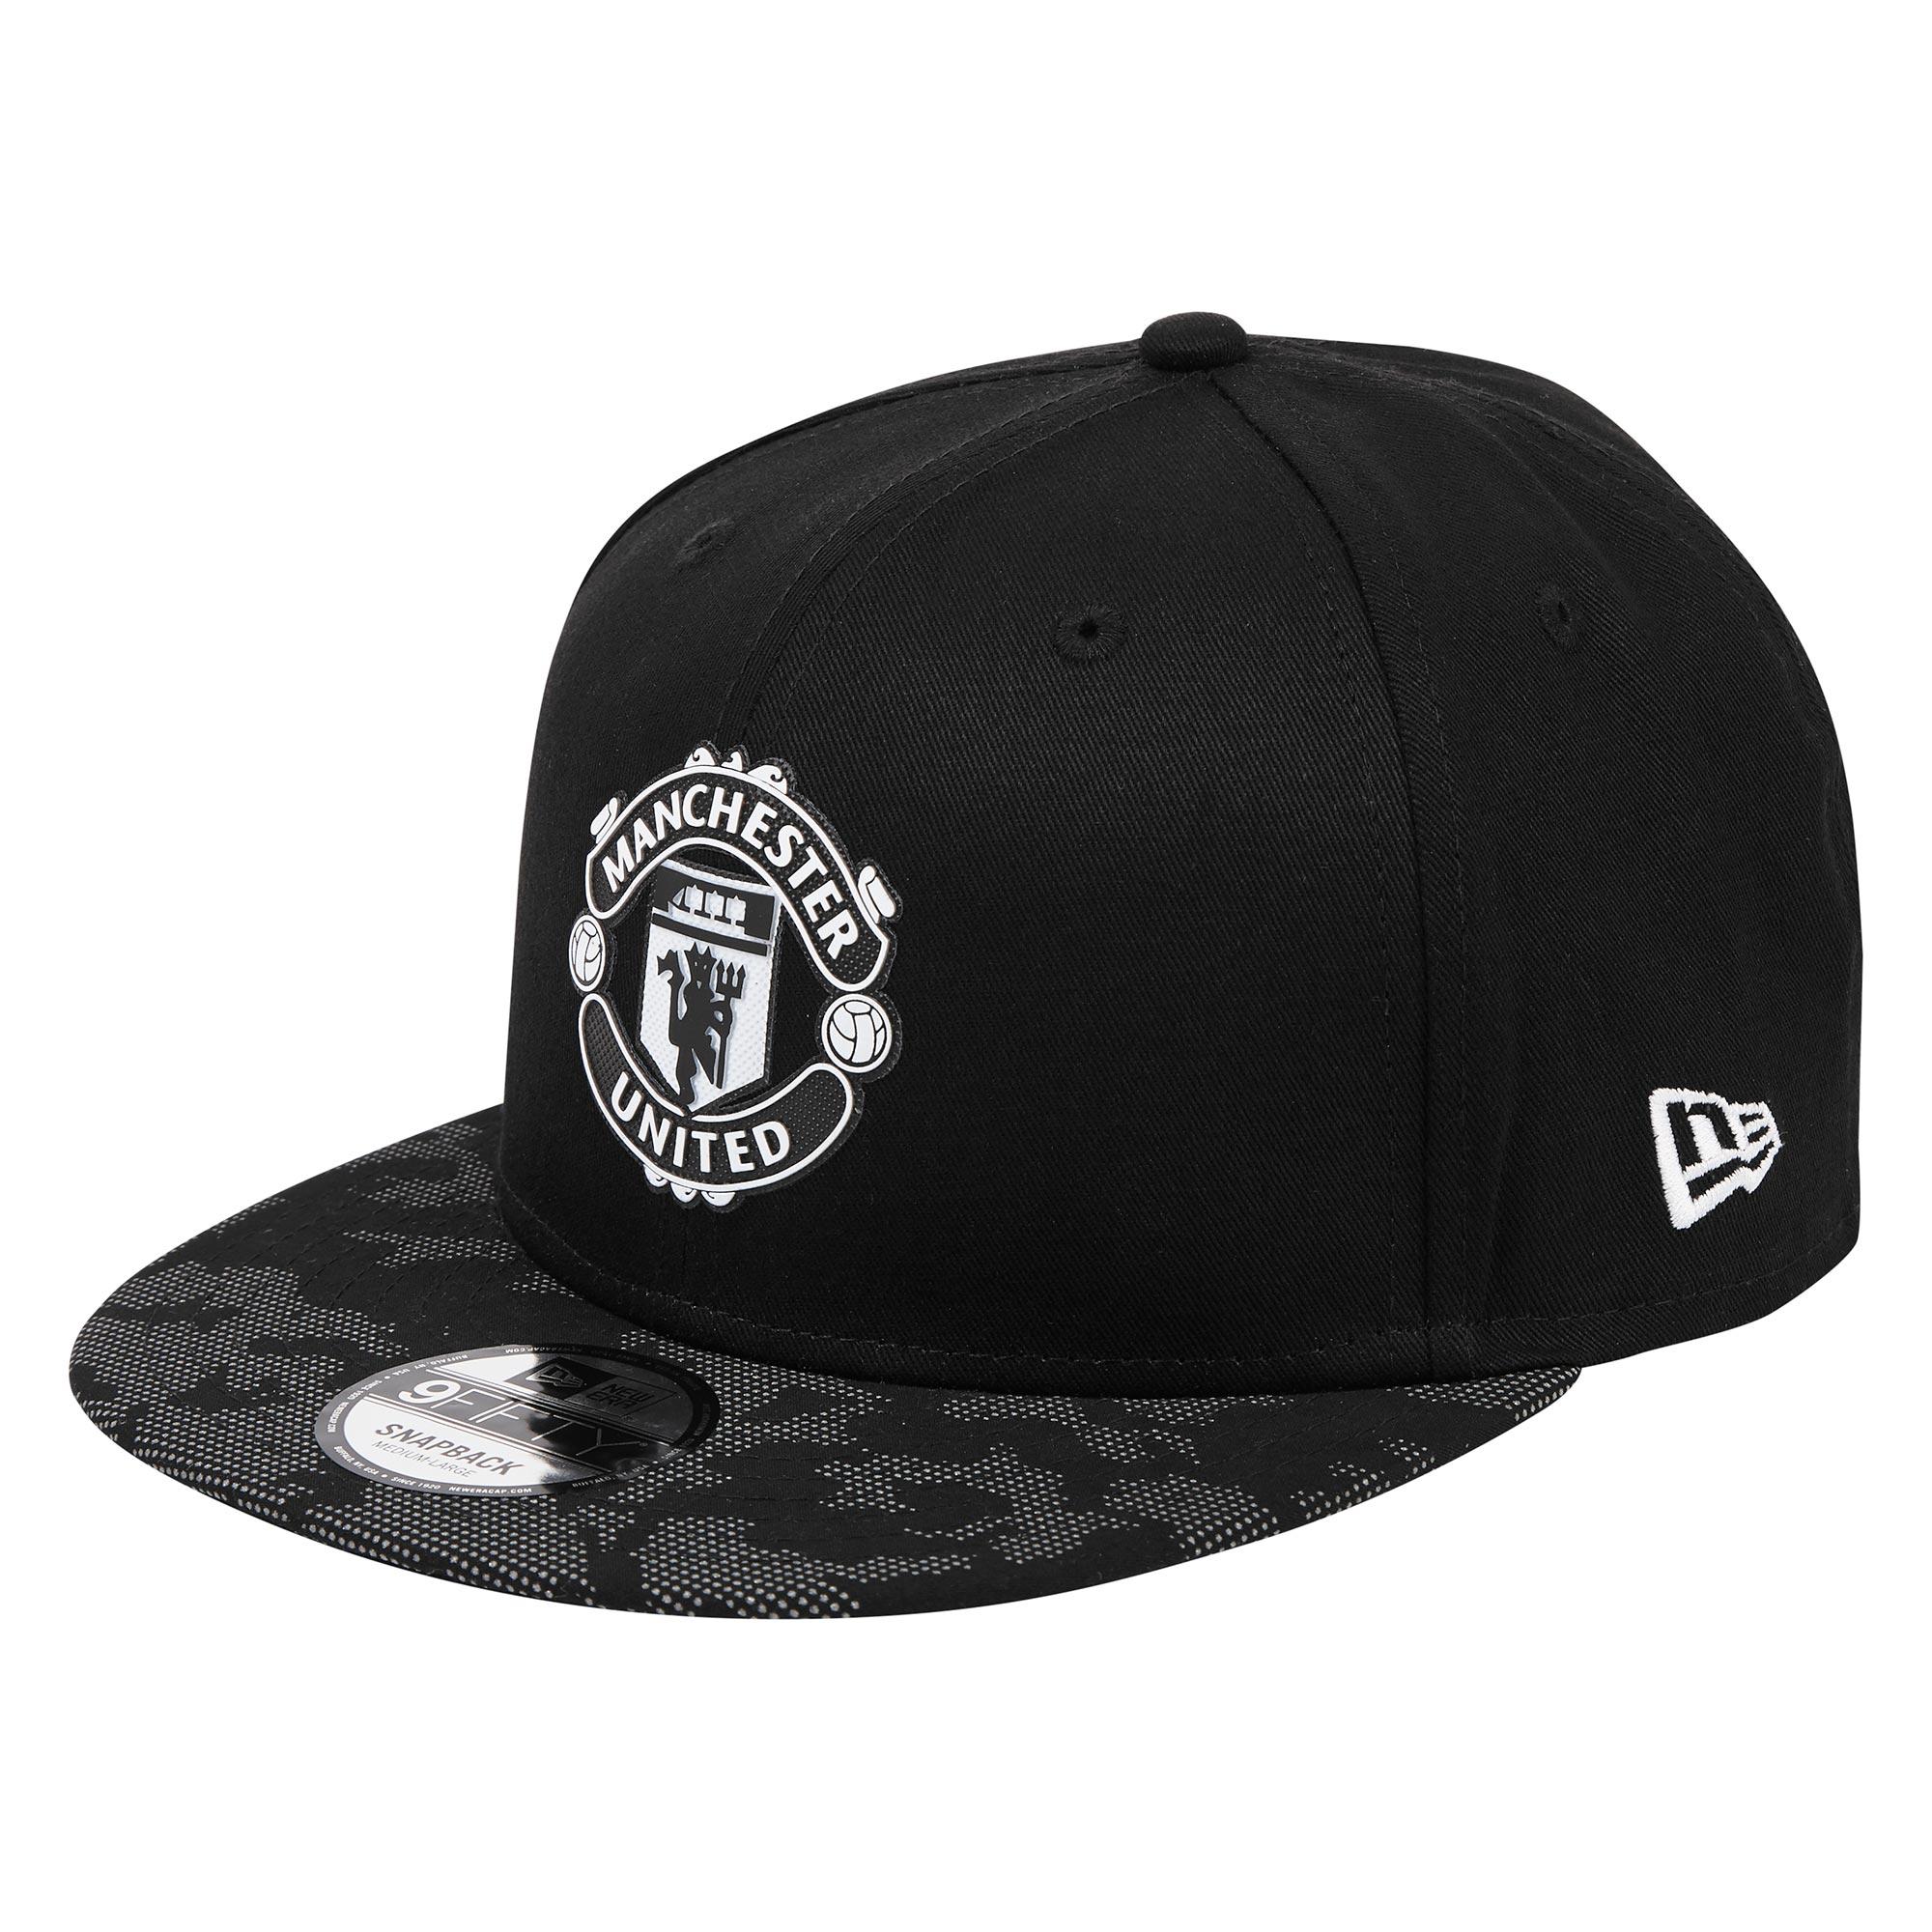 Casquette New Era 9FIFTY avec visière à motif camouflage et autocollant réfléchissant Manchester United réglable - Noir- Adulte